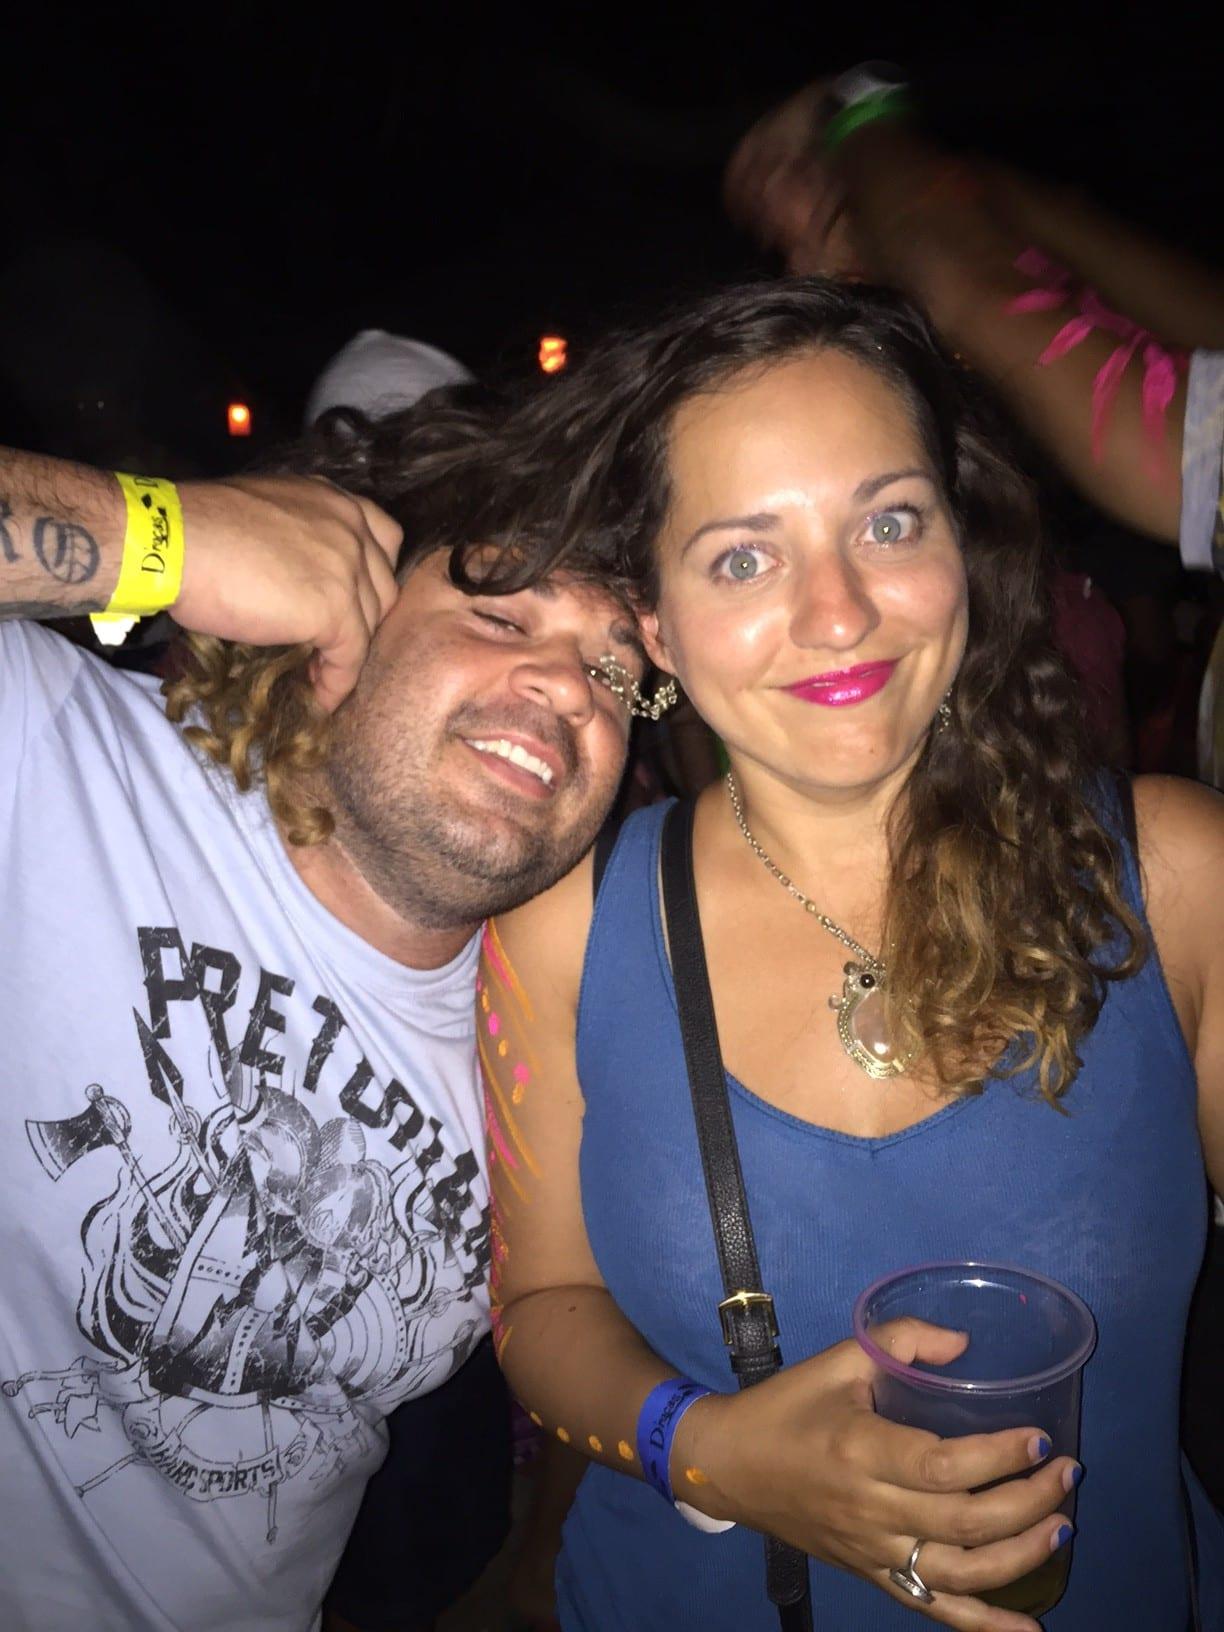 Kate and Salvadoran Guy